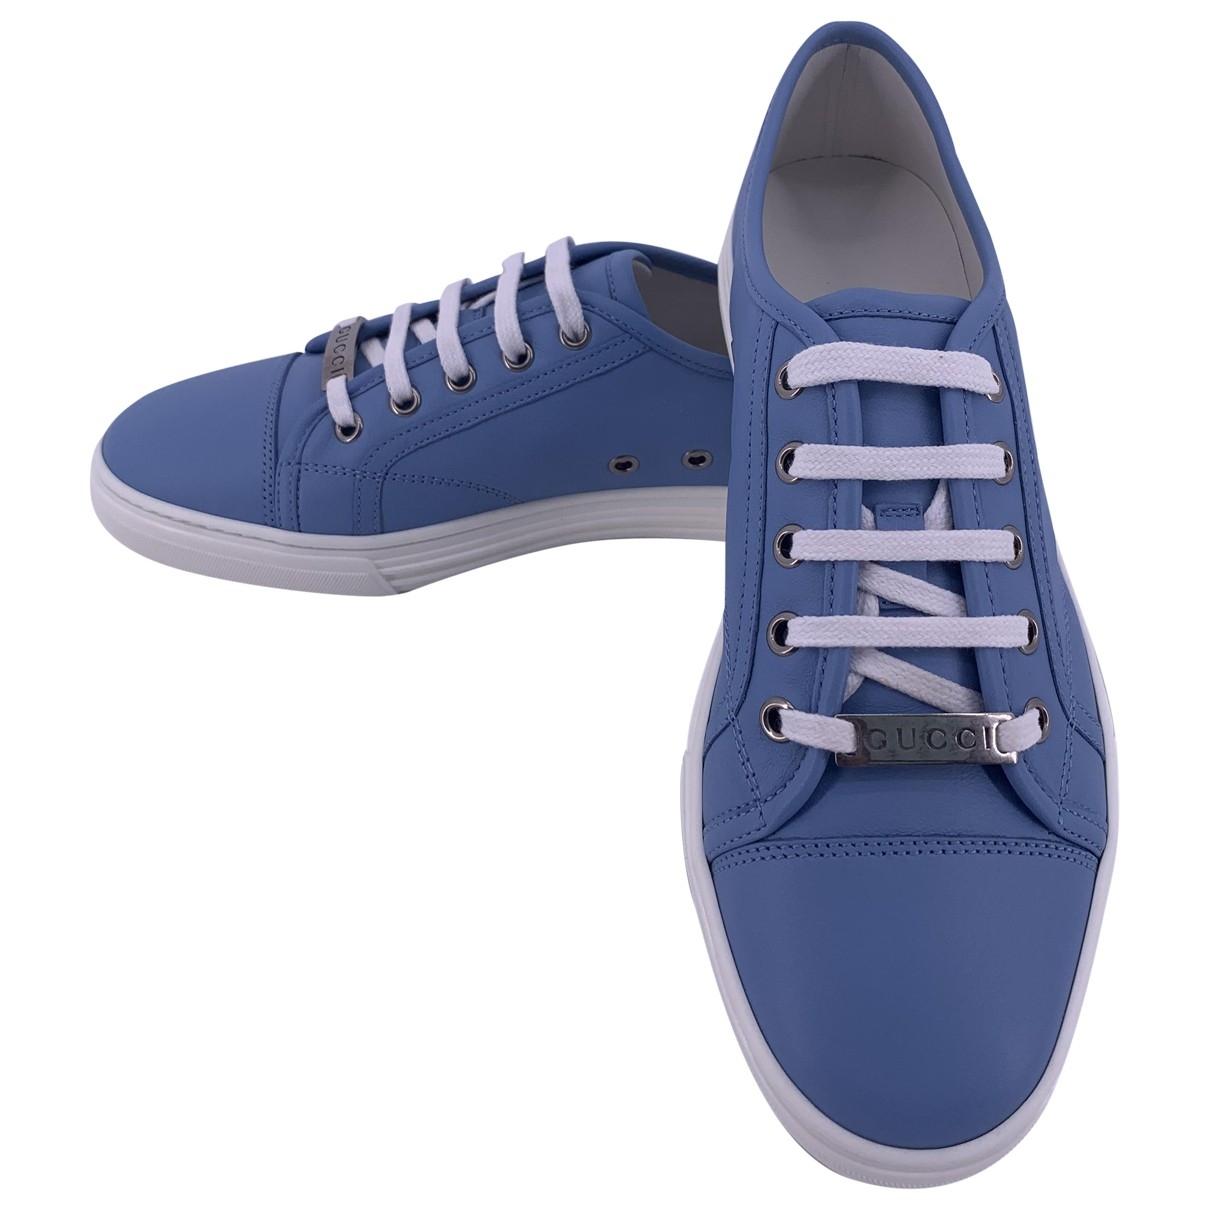 Gucci - Baskets   pour femme en cuir - bleu